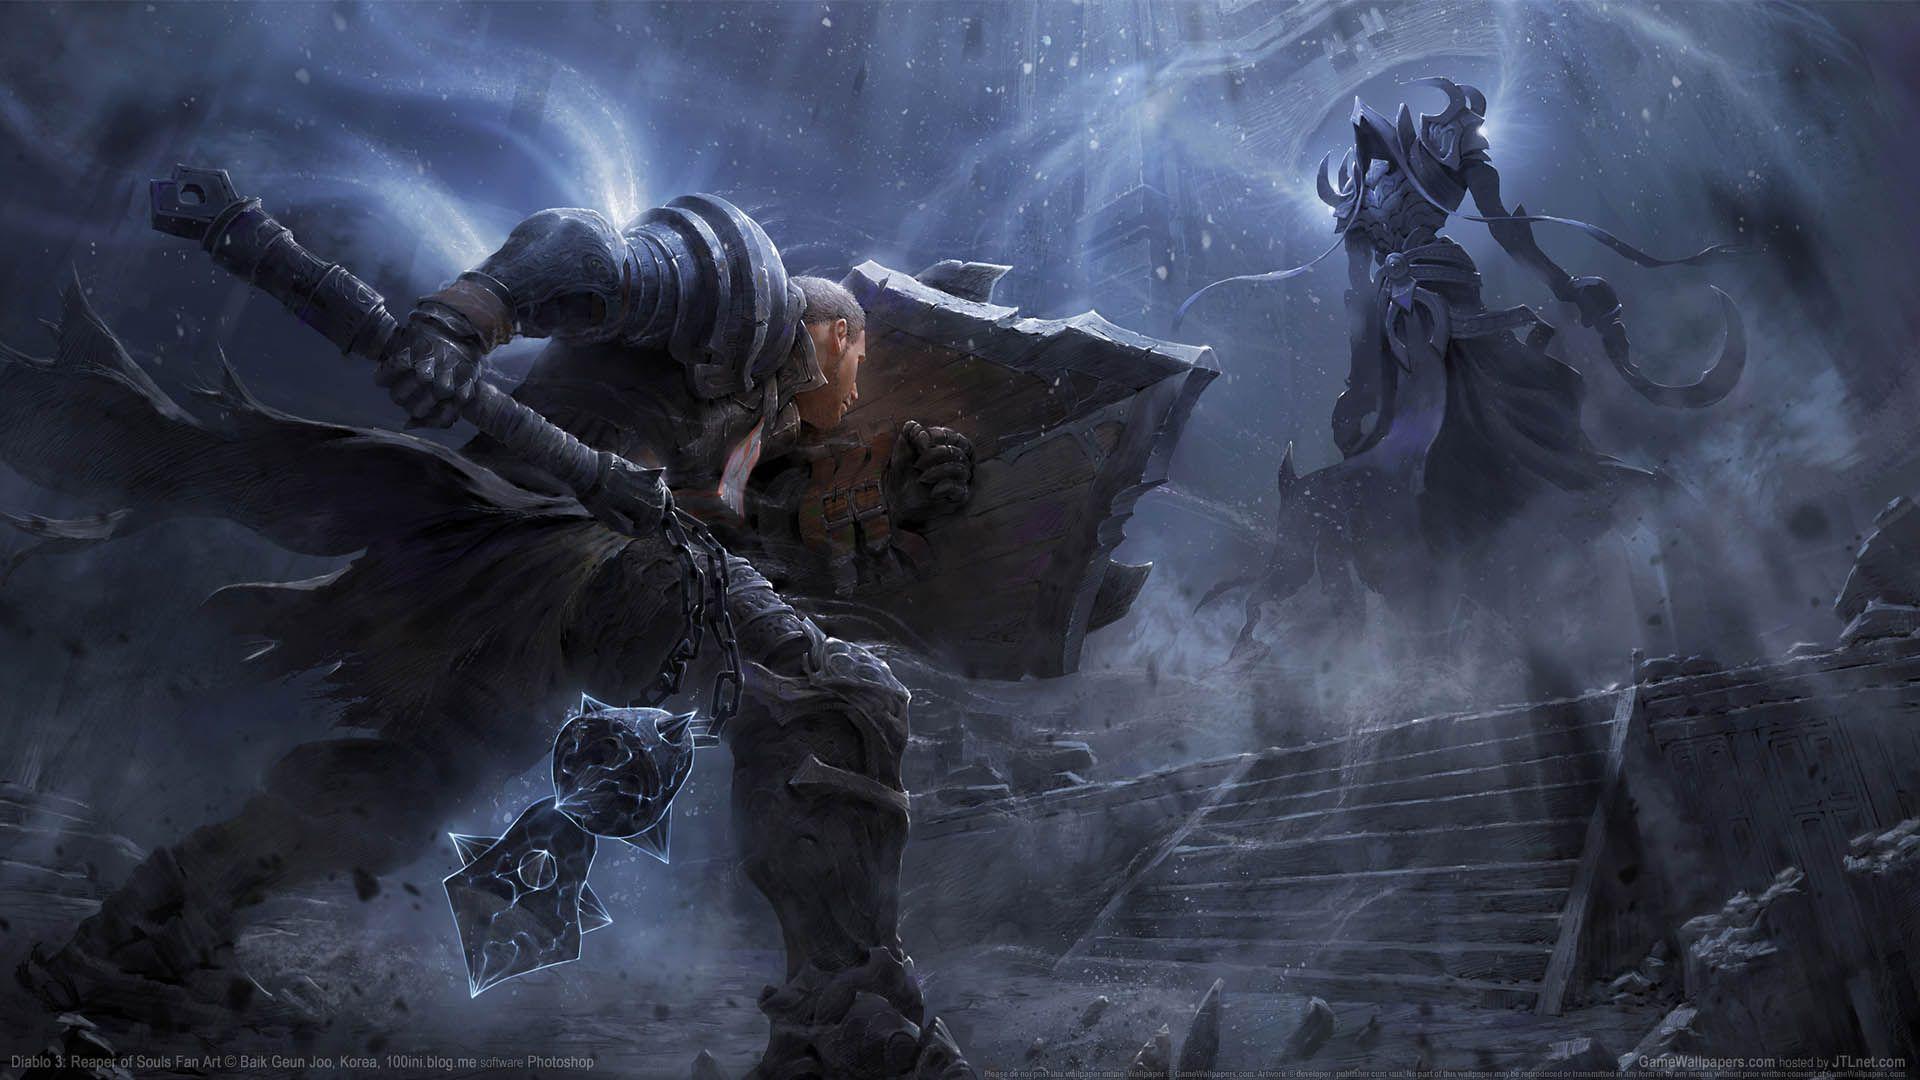 Diablo 3 Reaper Of Souls Fan Art Wallpaper 01 1920x1080 Fantasy Art Diablo 3 Diablo